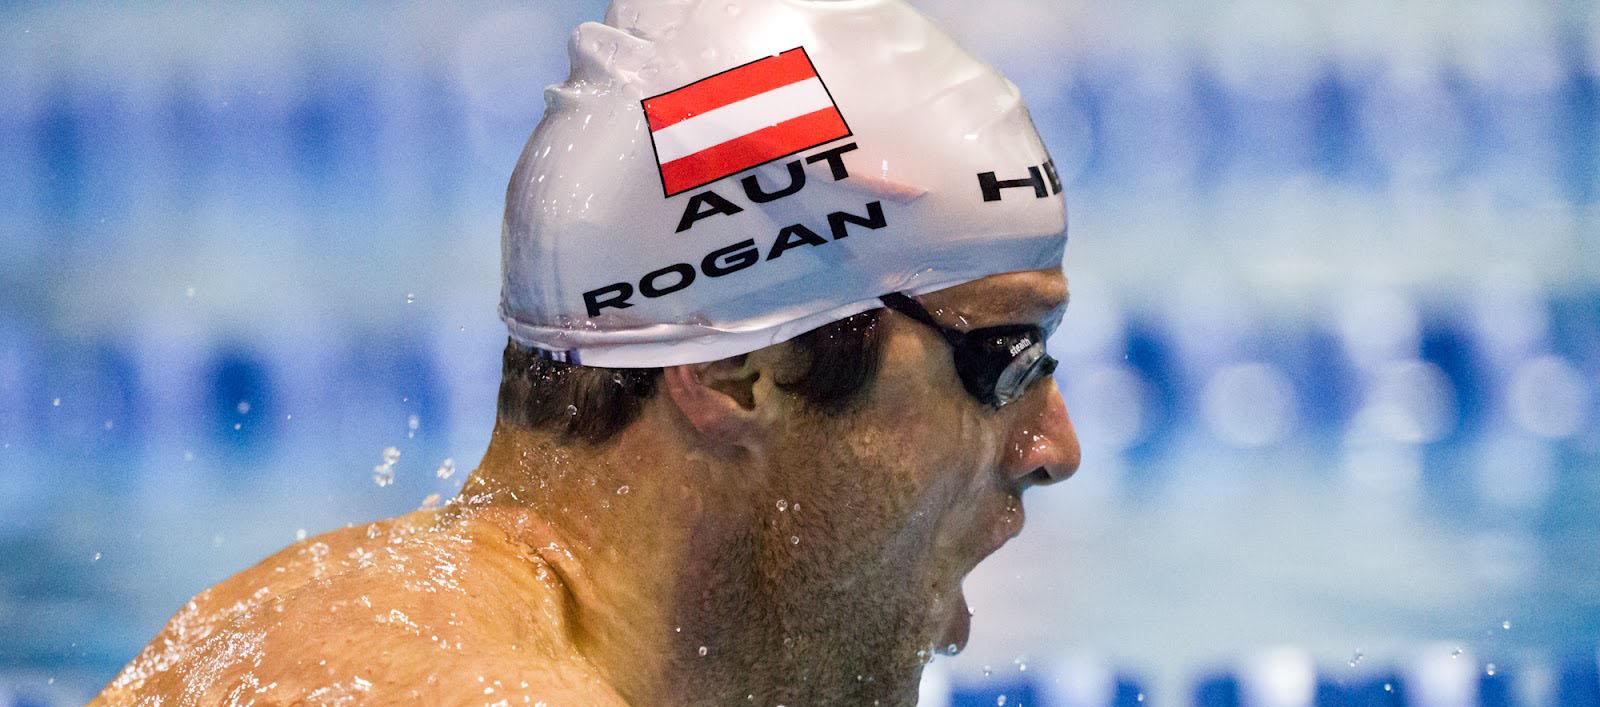 Rogan_Markus-CA-Markus-Rogan-Rogan-Trojan-Swim-Club-TB1_0603-